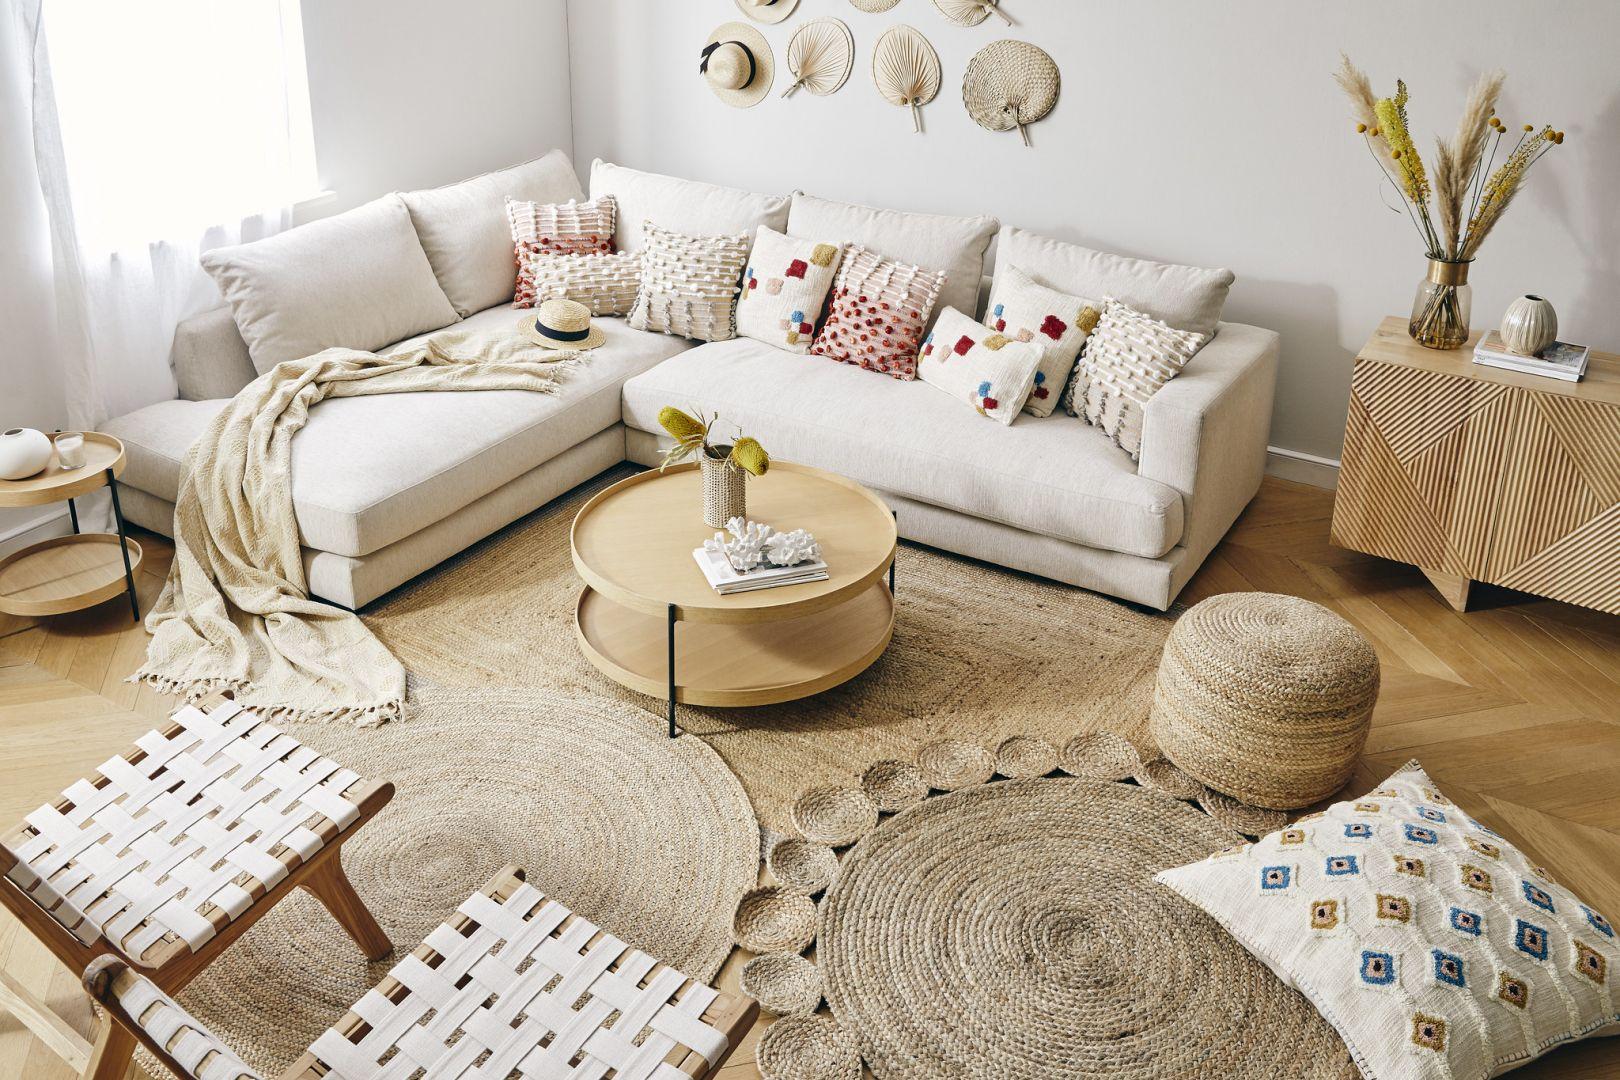 Wnętrze w stylu ikigai to wyrafinowana mieszanka skandynawskiej funkcjonalności i japońskiej estetyki. Fot. WestwingNow